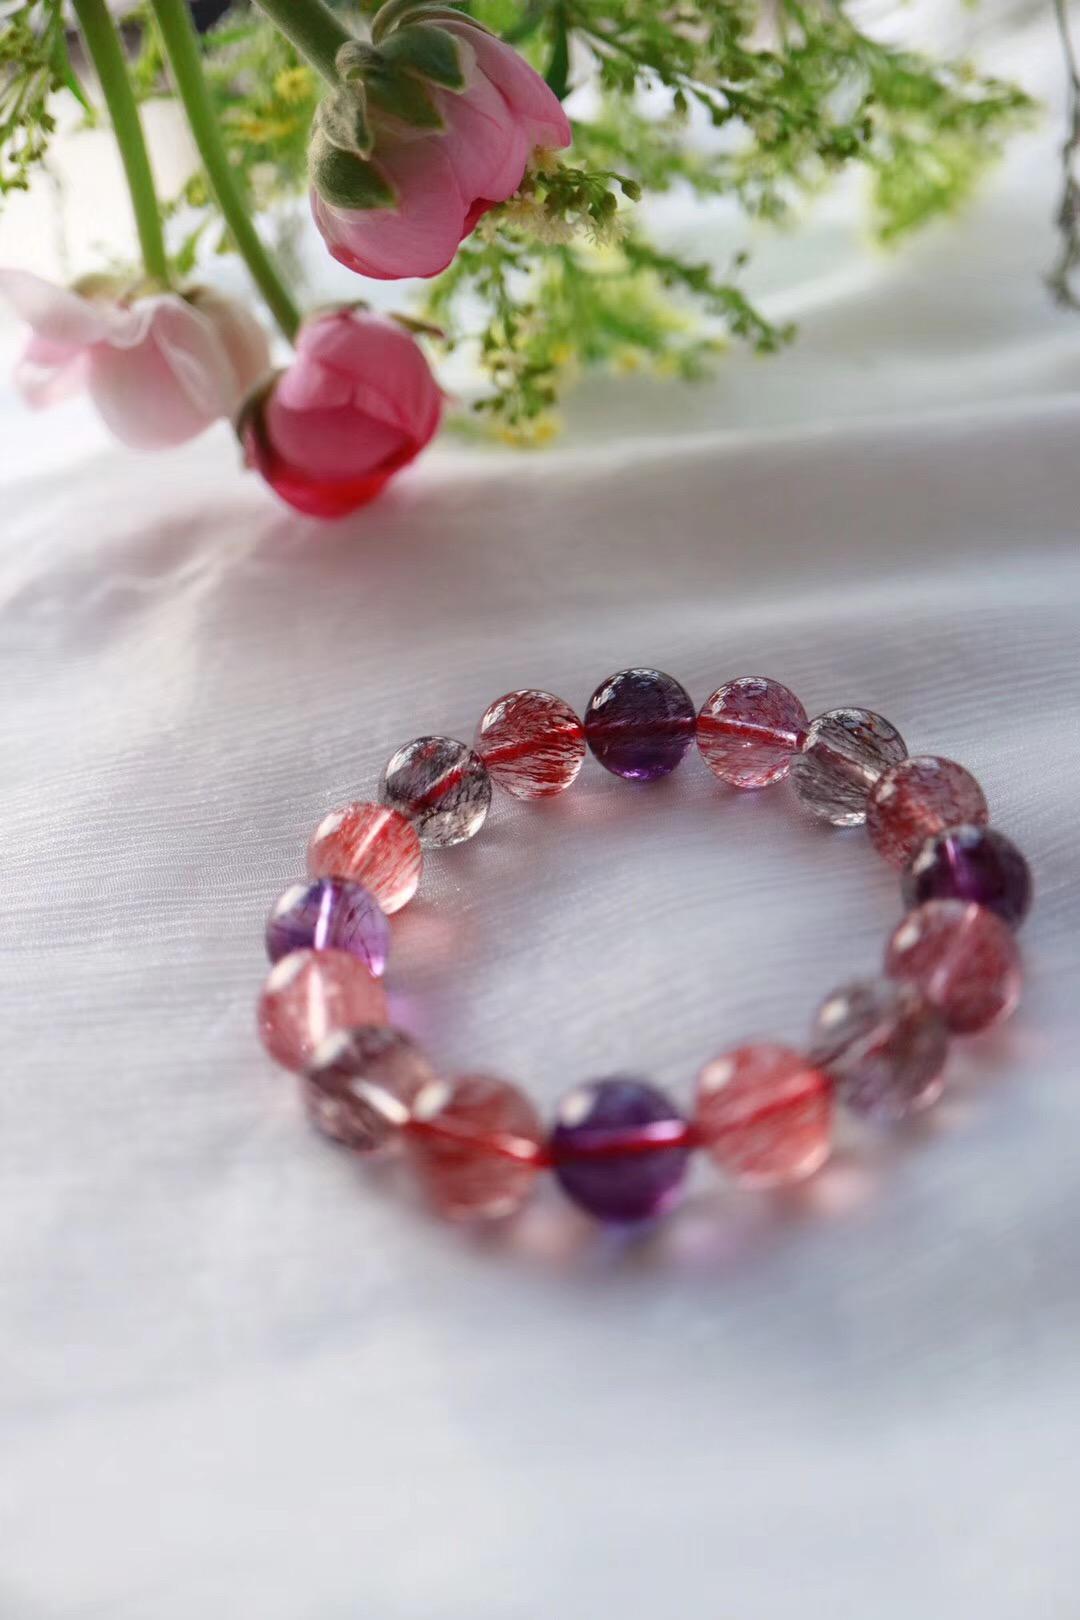 【超七紫发晶】一串浪漫紫梦,爱意绵绵-菩心晶舍